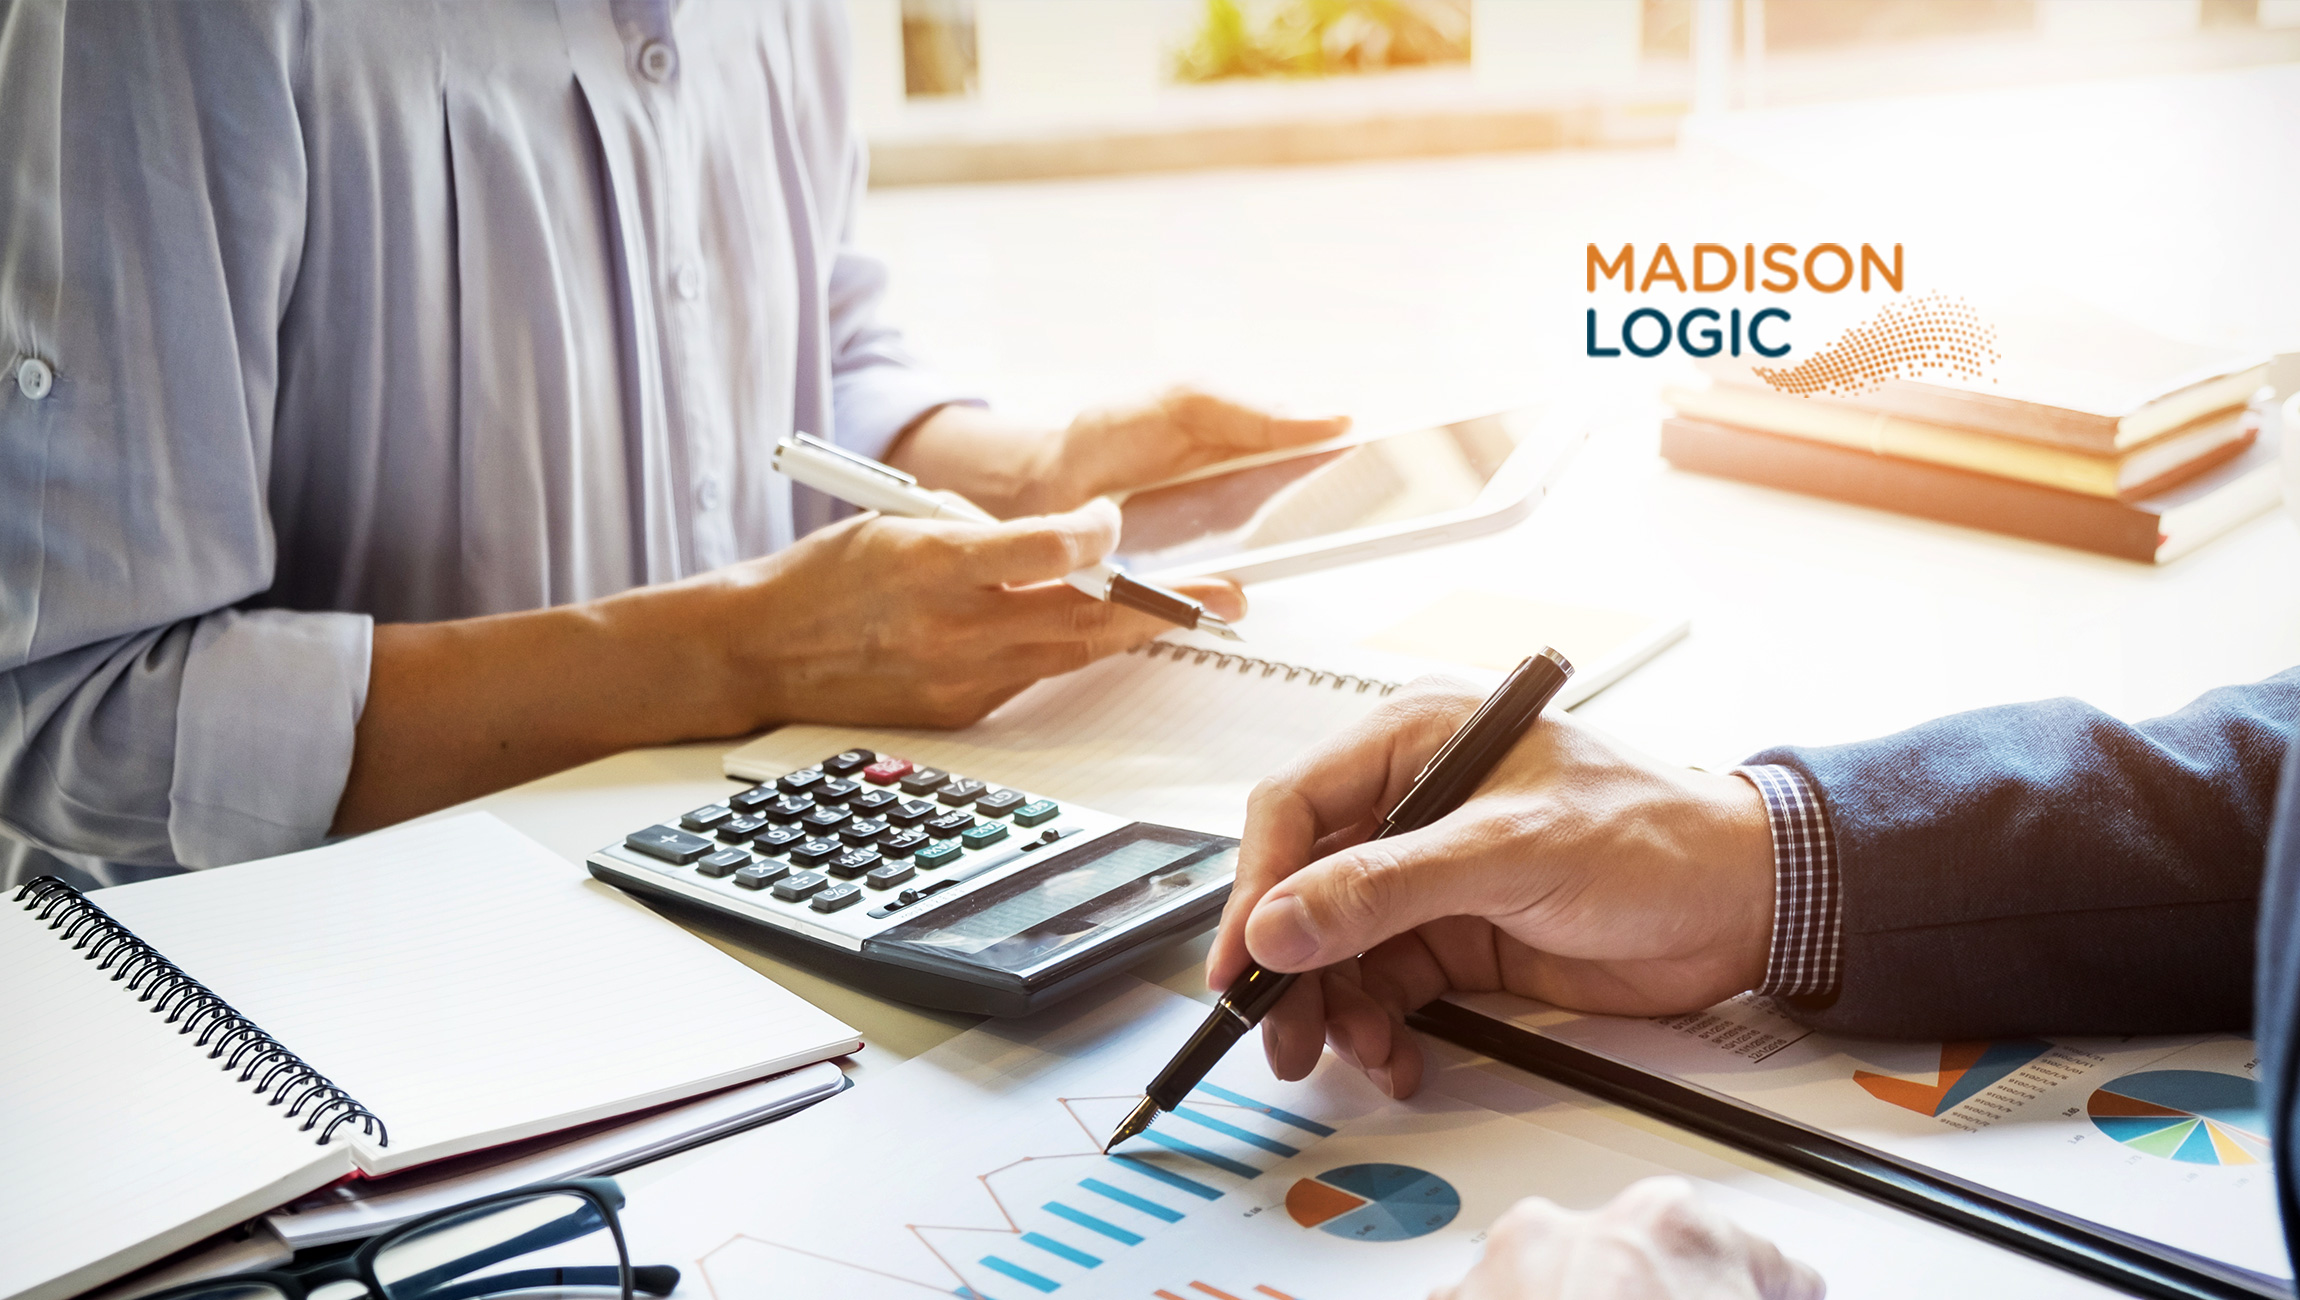 Madison Logic Showcases New Journey Acceleration Solution